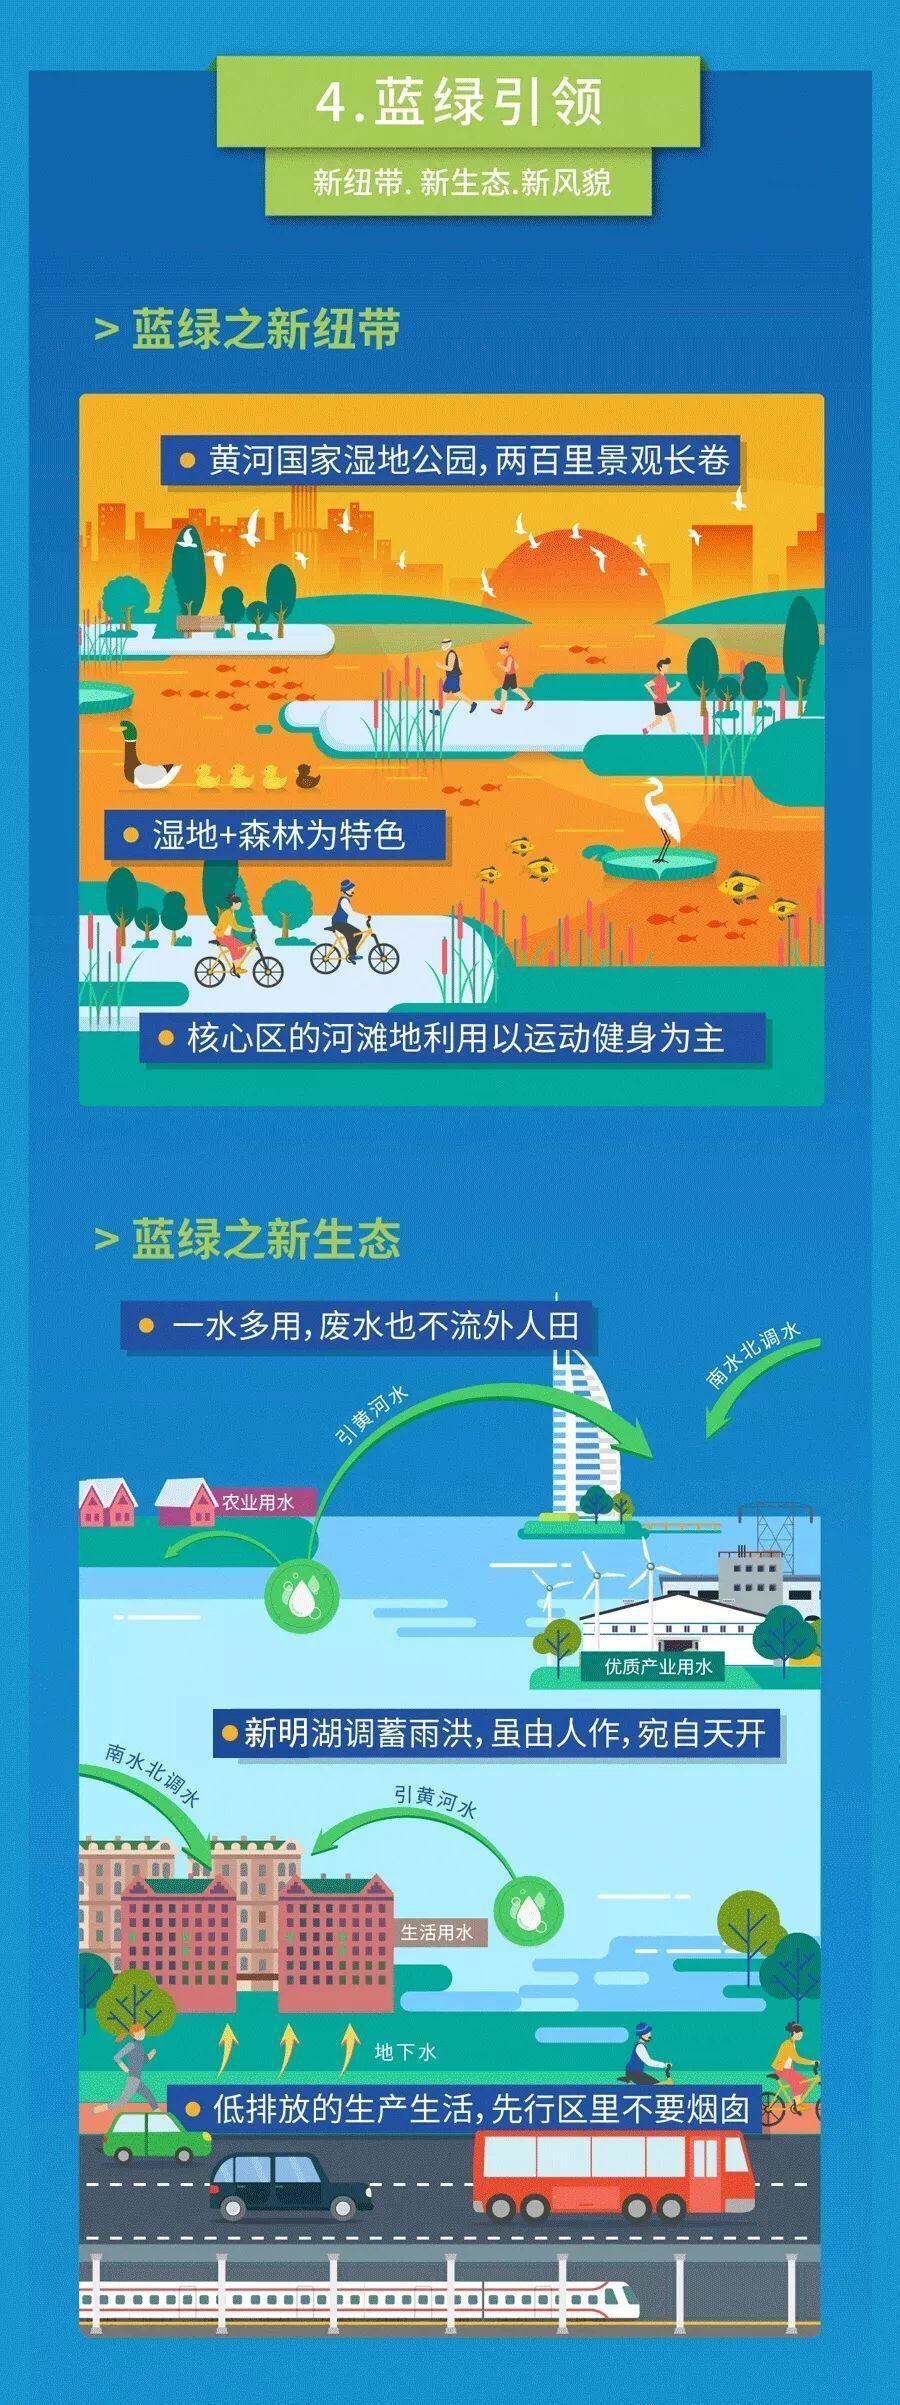 迈向黄河时代百年梦想:济南新旧动能转换先行区即将腾飞